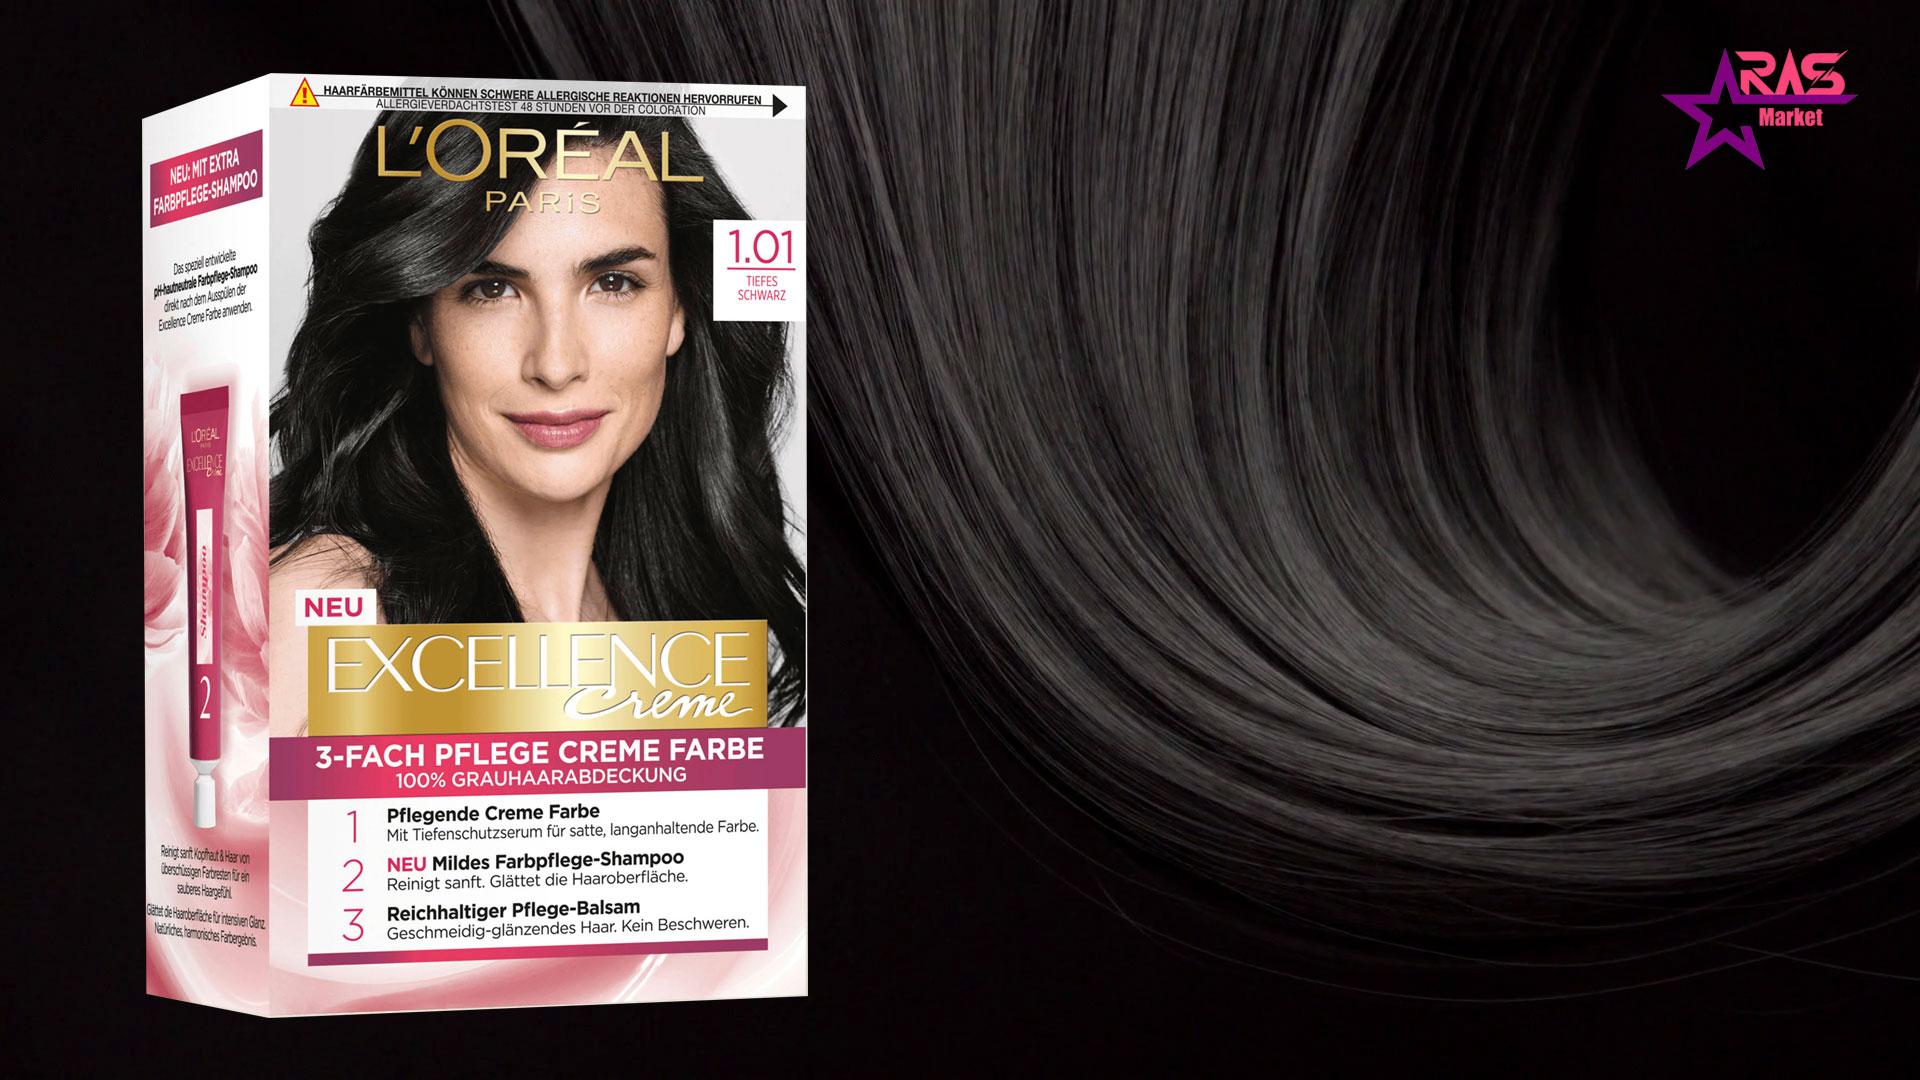 کیت رنگ مو لورآل سری Excellence شماره 1.01 ، خرید اینترنتی محصولات شوینده و بهداشتی ، بهداشت بانوان